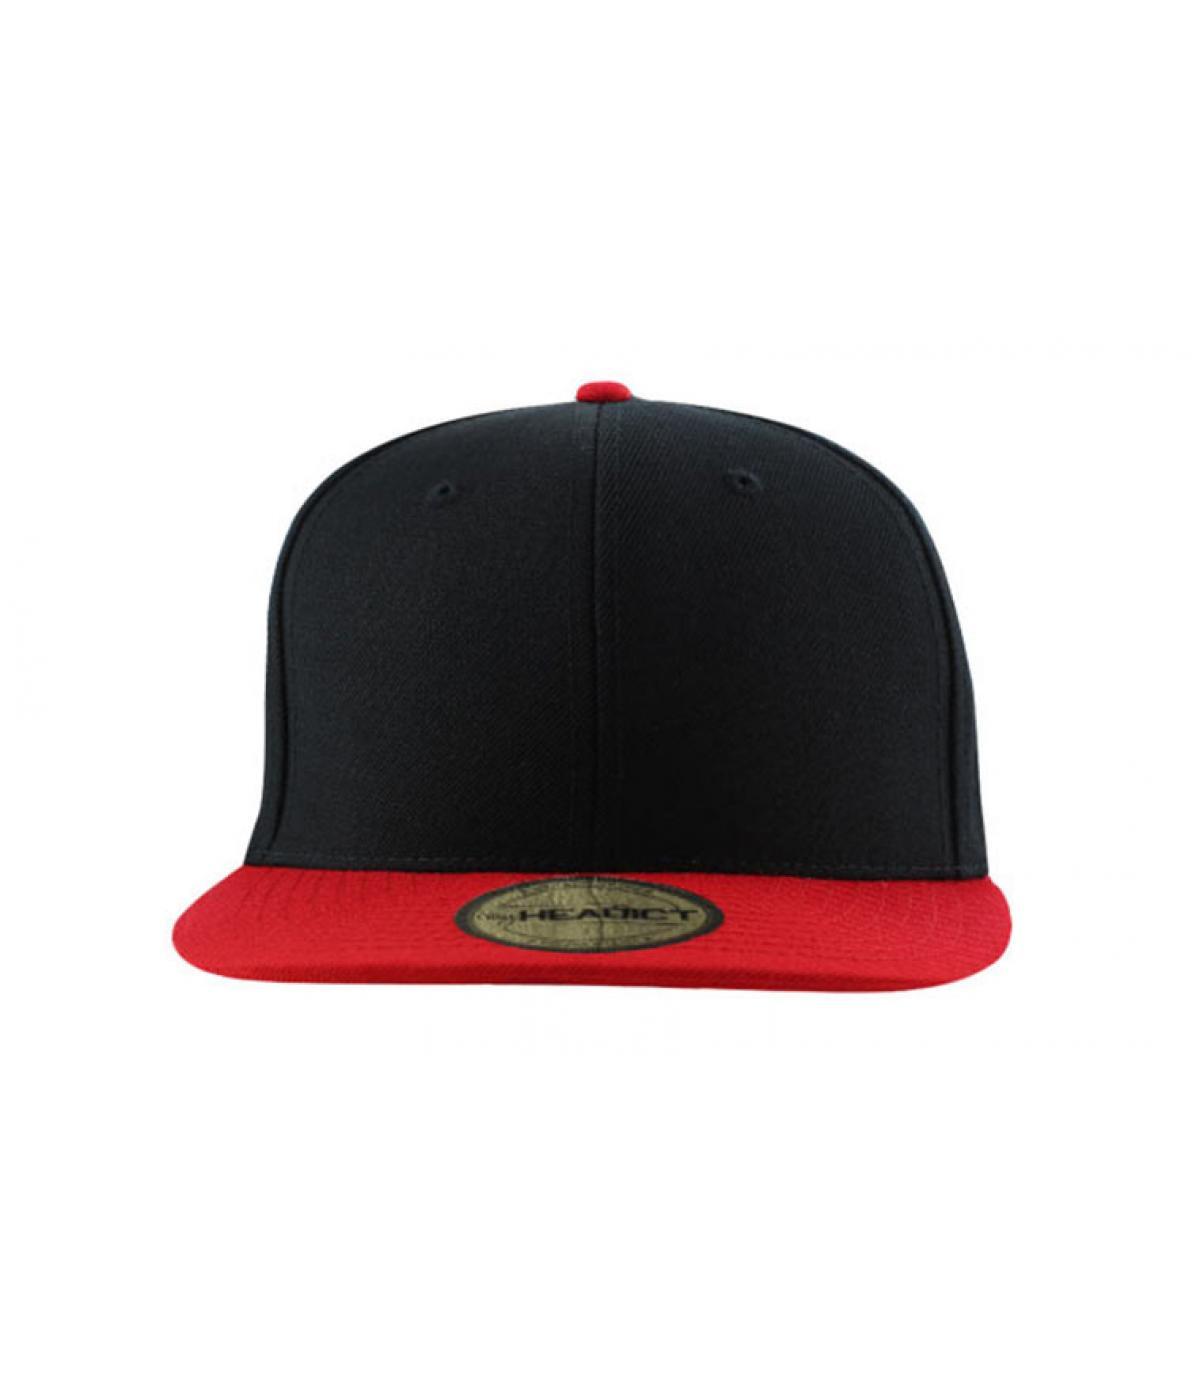 casquette enfant noire rouge